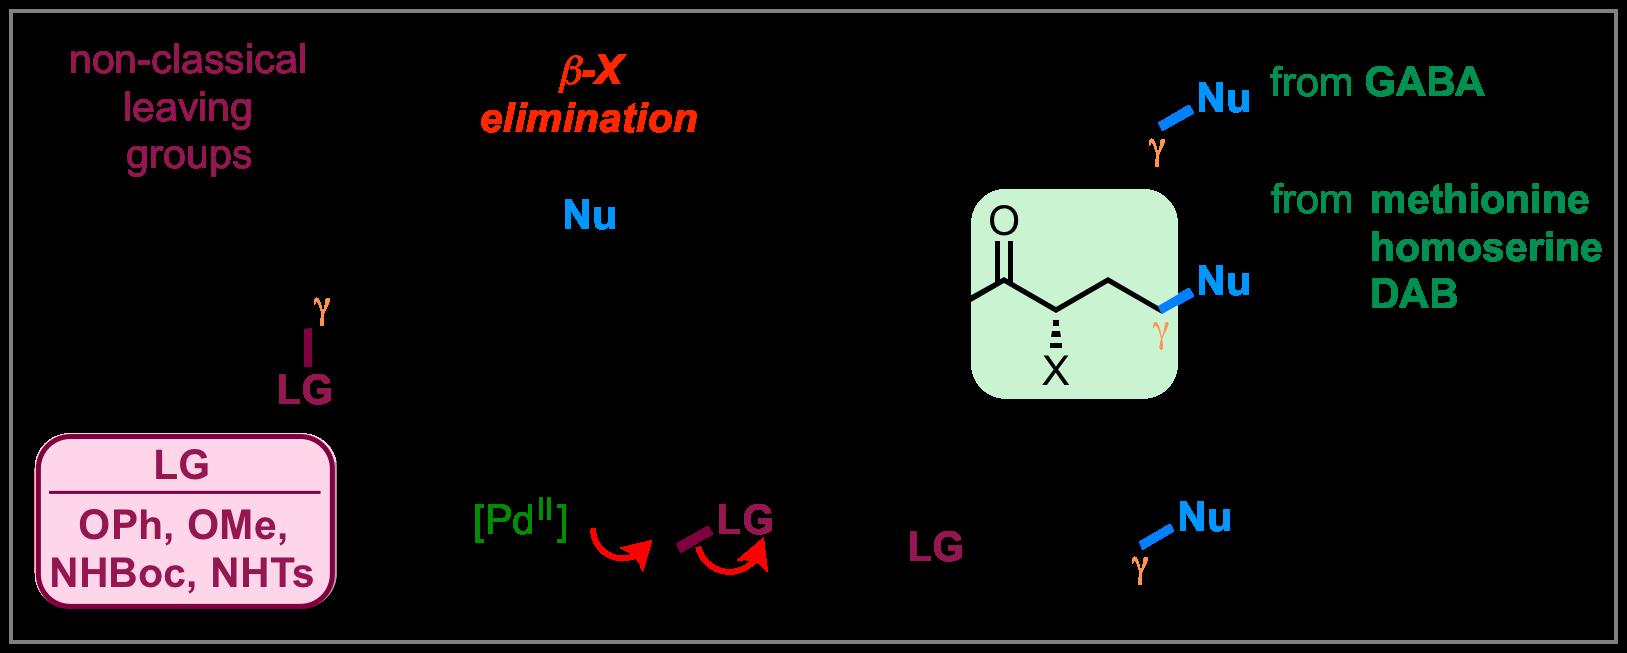 beta-elimination